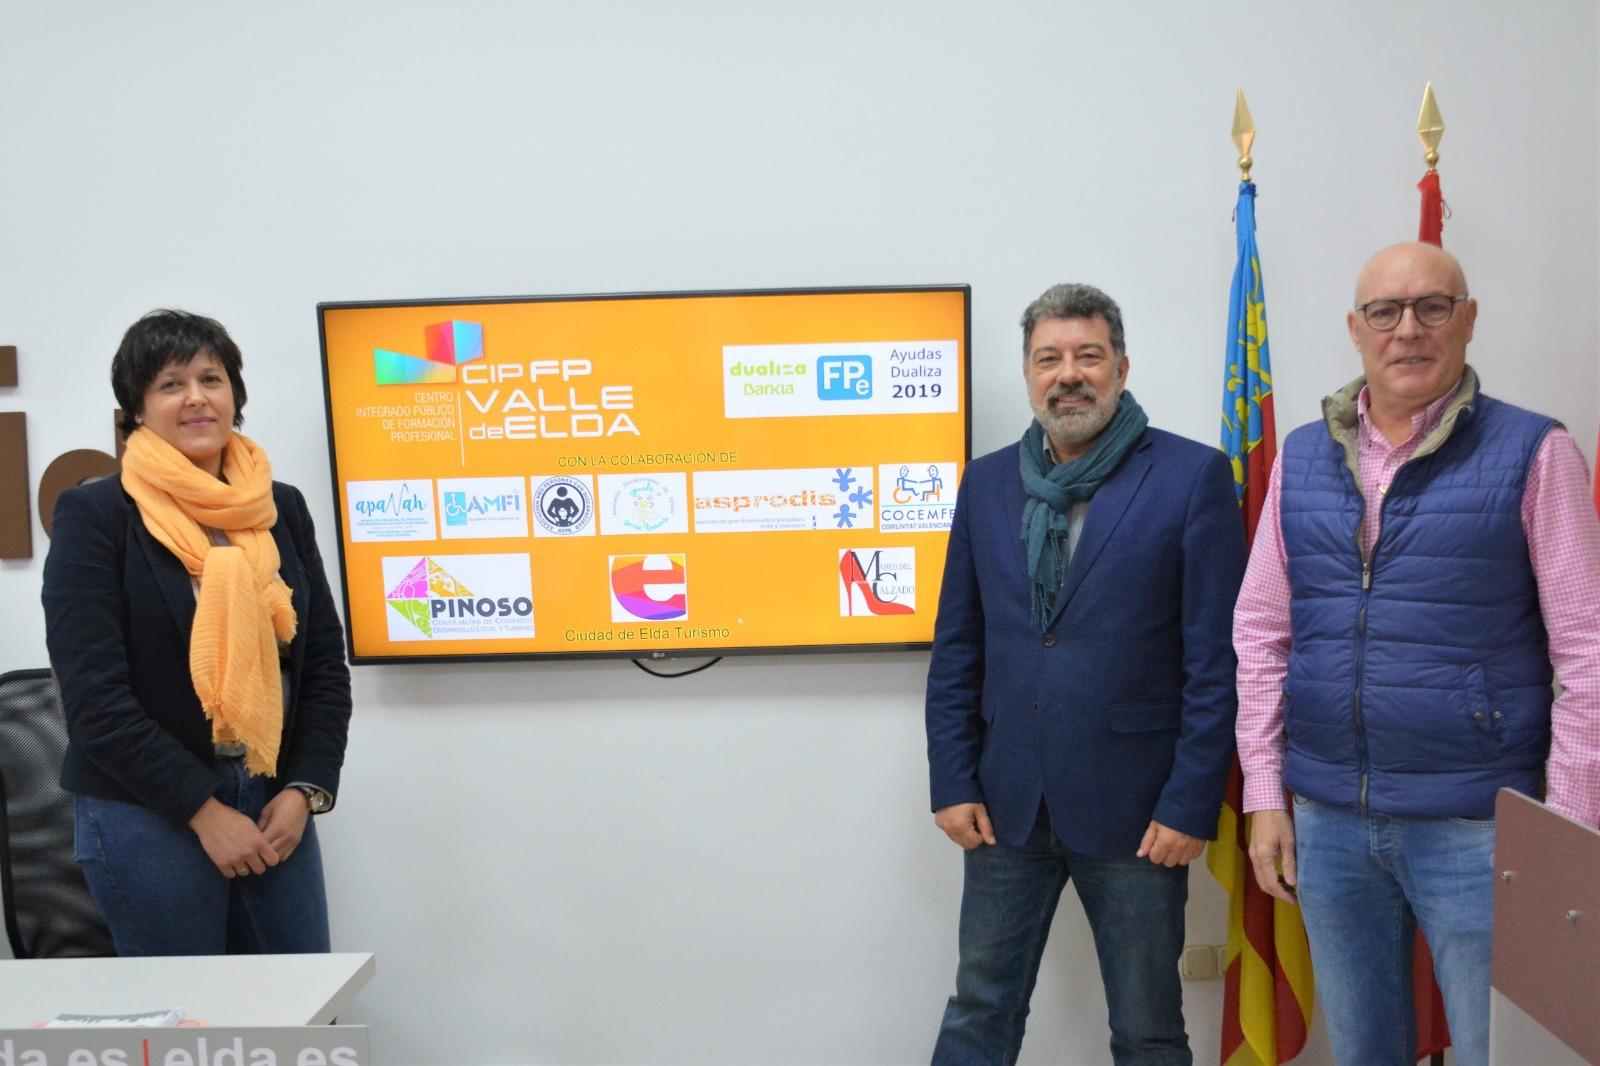 'Turismo para todos y todas: un proyecto de Turismo Interior Inclusivo', realizado por el CIPFP Valle de Elda, ha sido seleccionado en los Premios Dualiza 2019